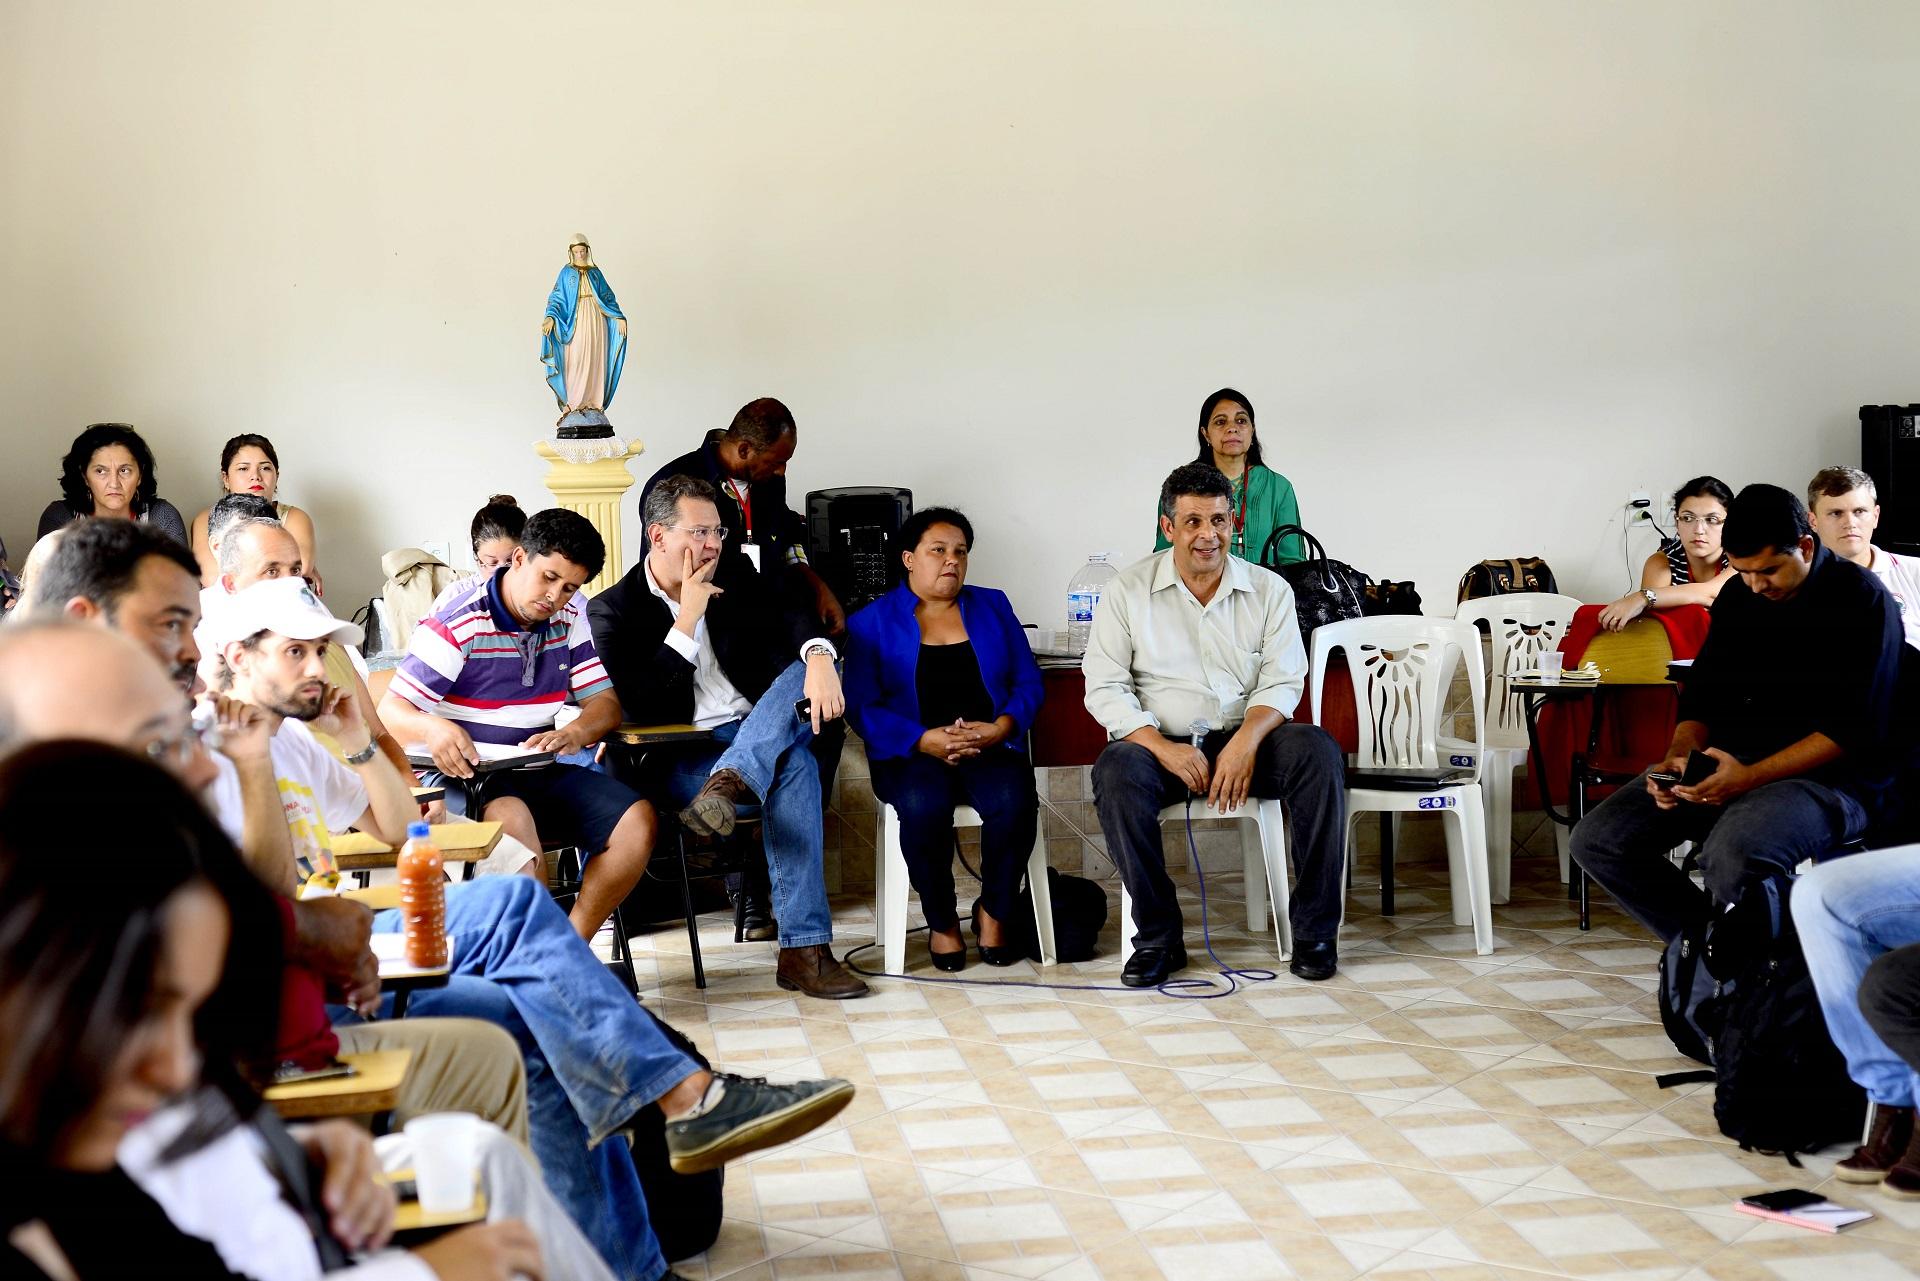 Estado instala Mesa de Diálogo em Mariana para mediar negociações com as populações atingidas